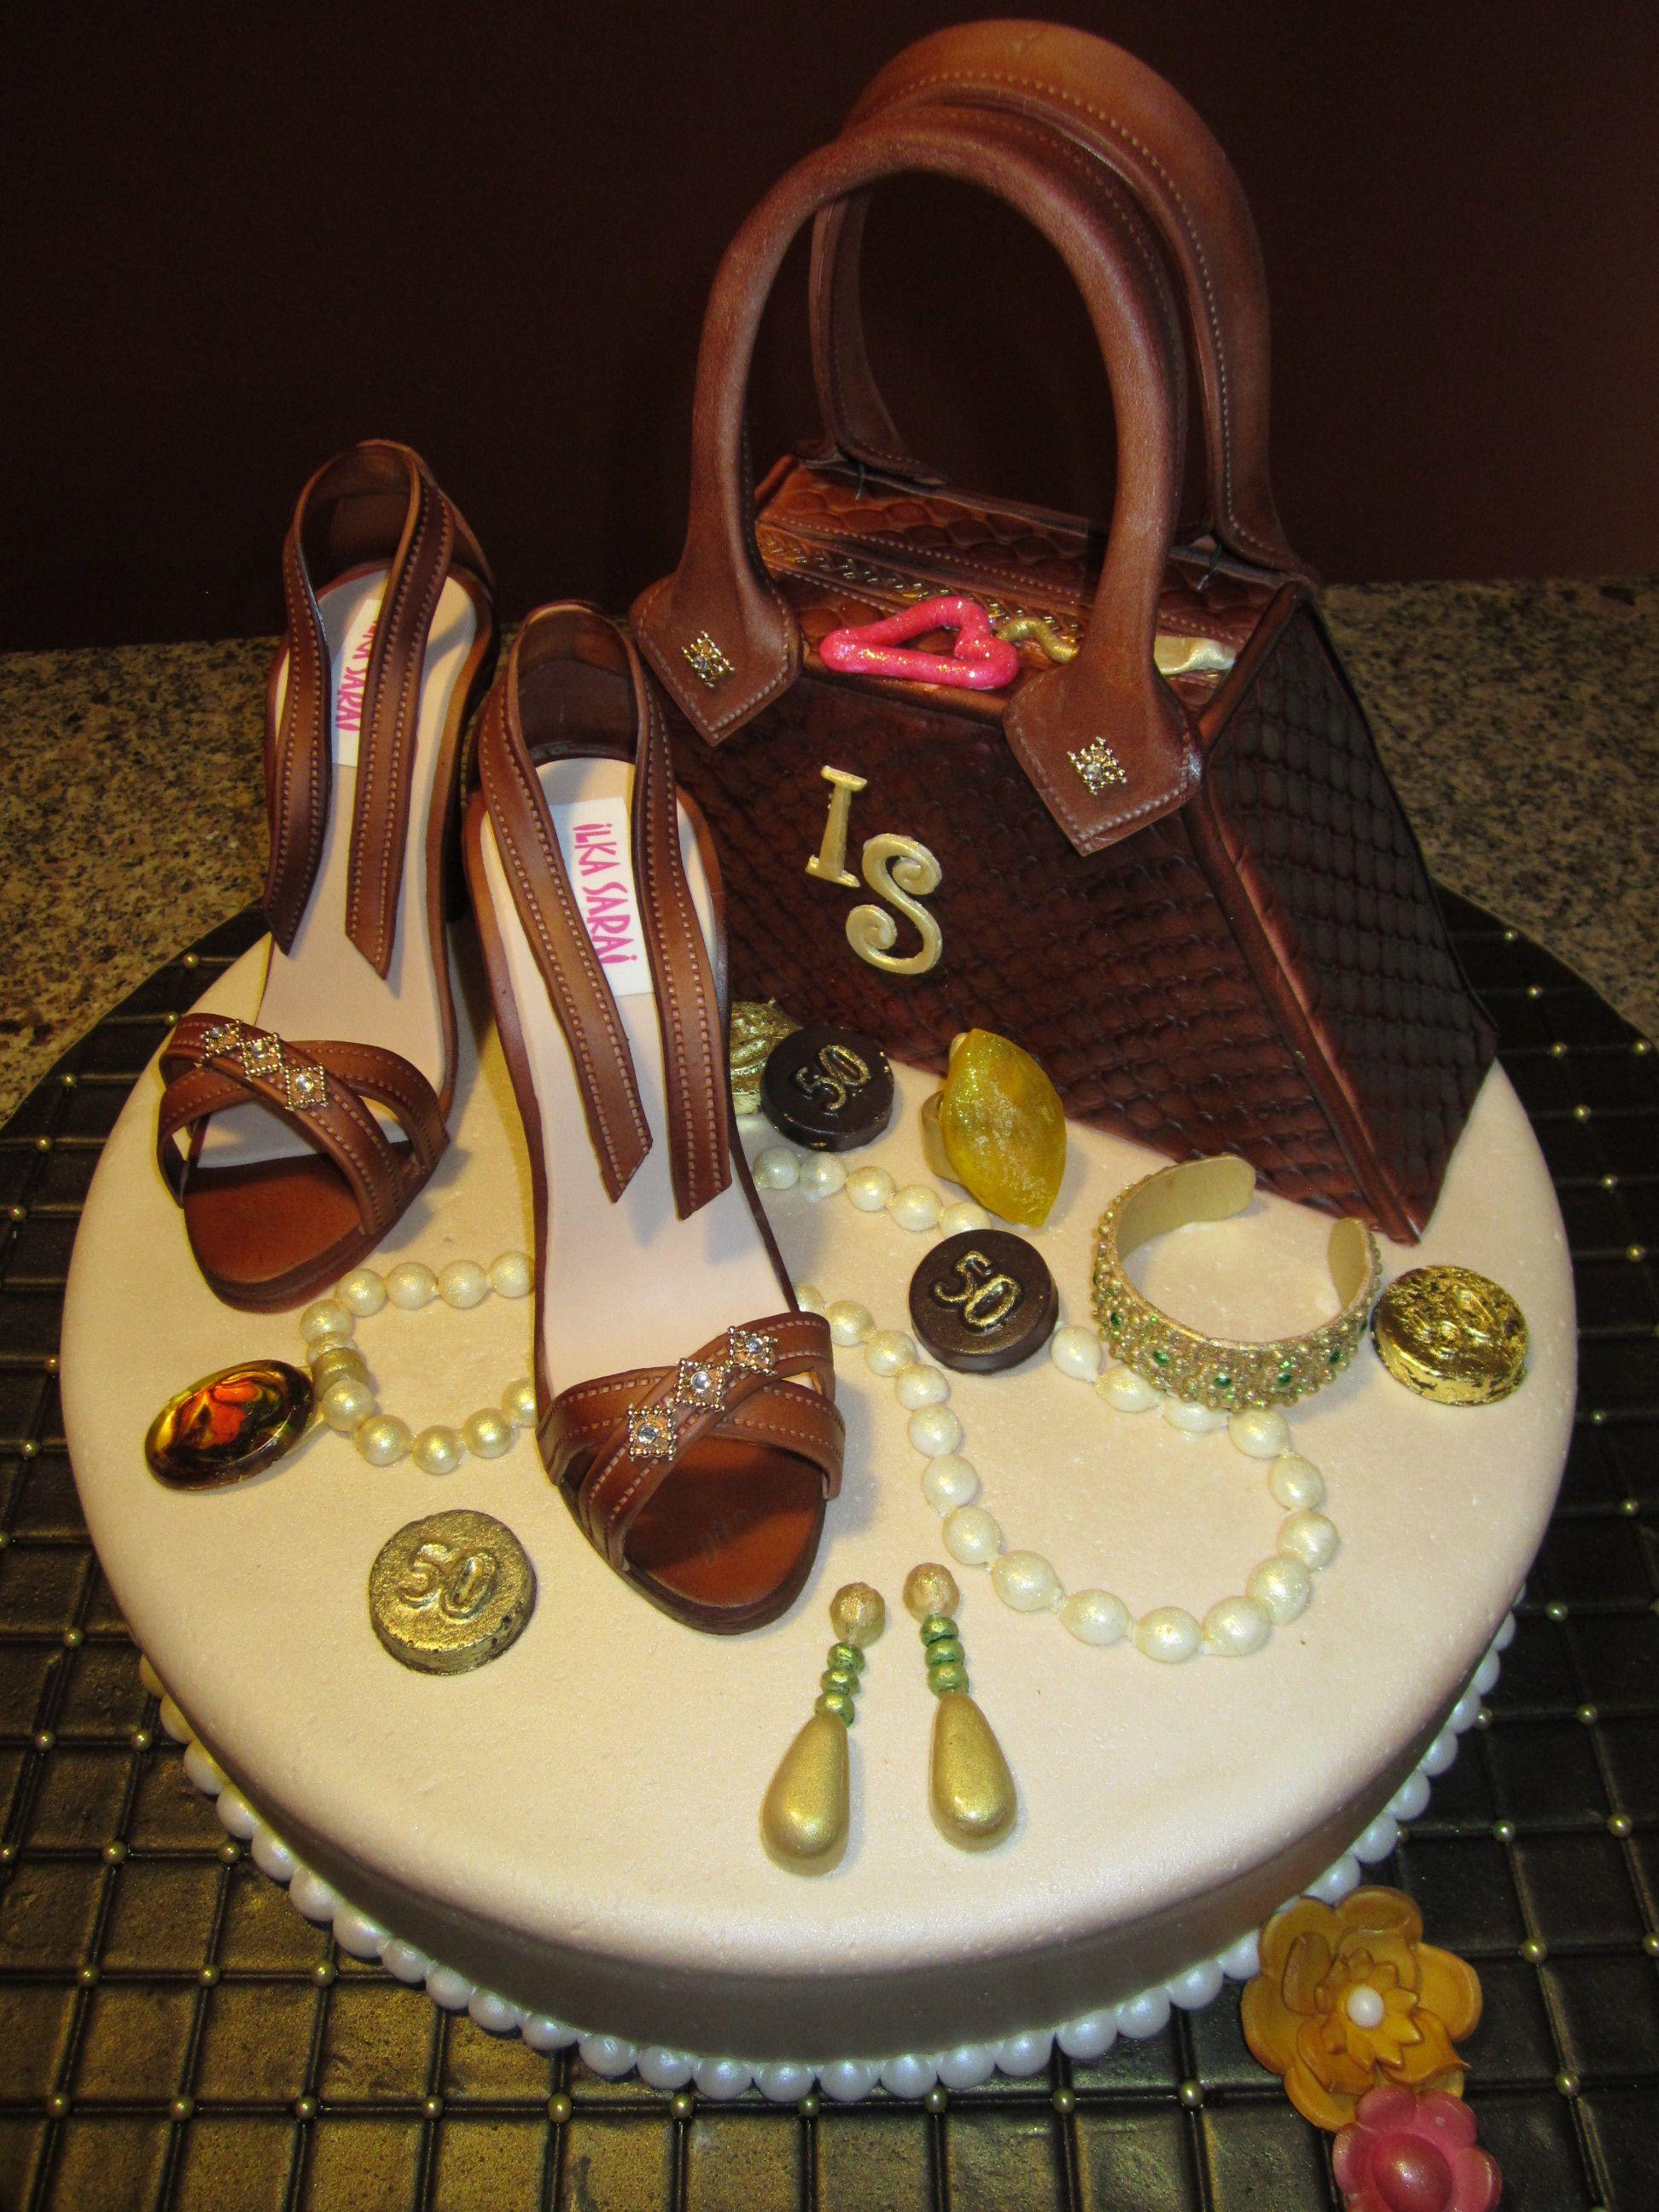 Pin By Dawn Winkler Hafner On Cakes Pinterest Cake Birthday